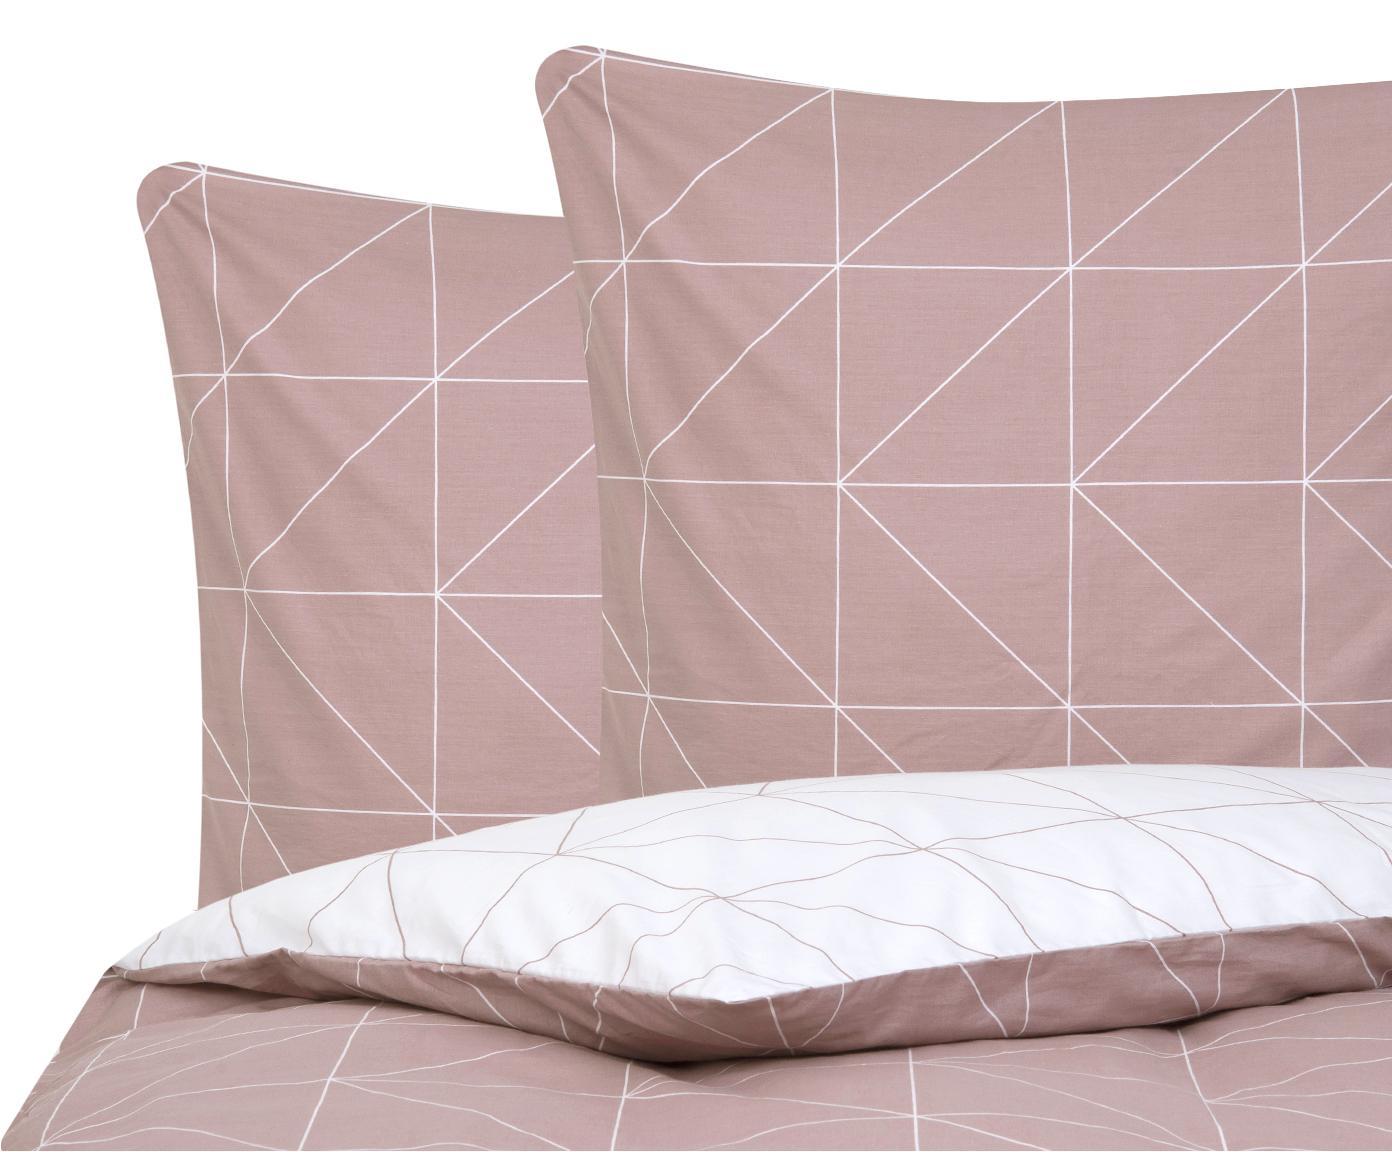 Baumwoll-Wendebettwäsche Marla mit grafischem Muster, Webart: Renforcé Fadendichte 144 , Mauve, Weiß, 240 x 220 cm + 2 Kissen 80 x 80 cm